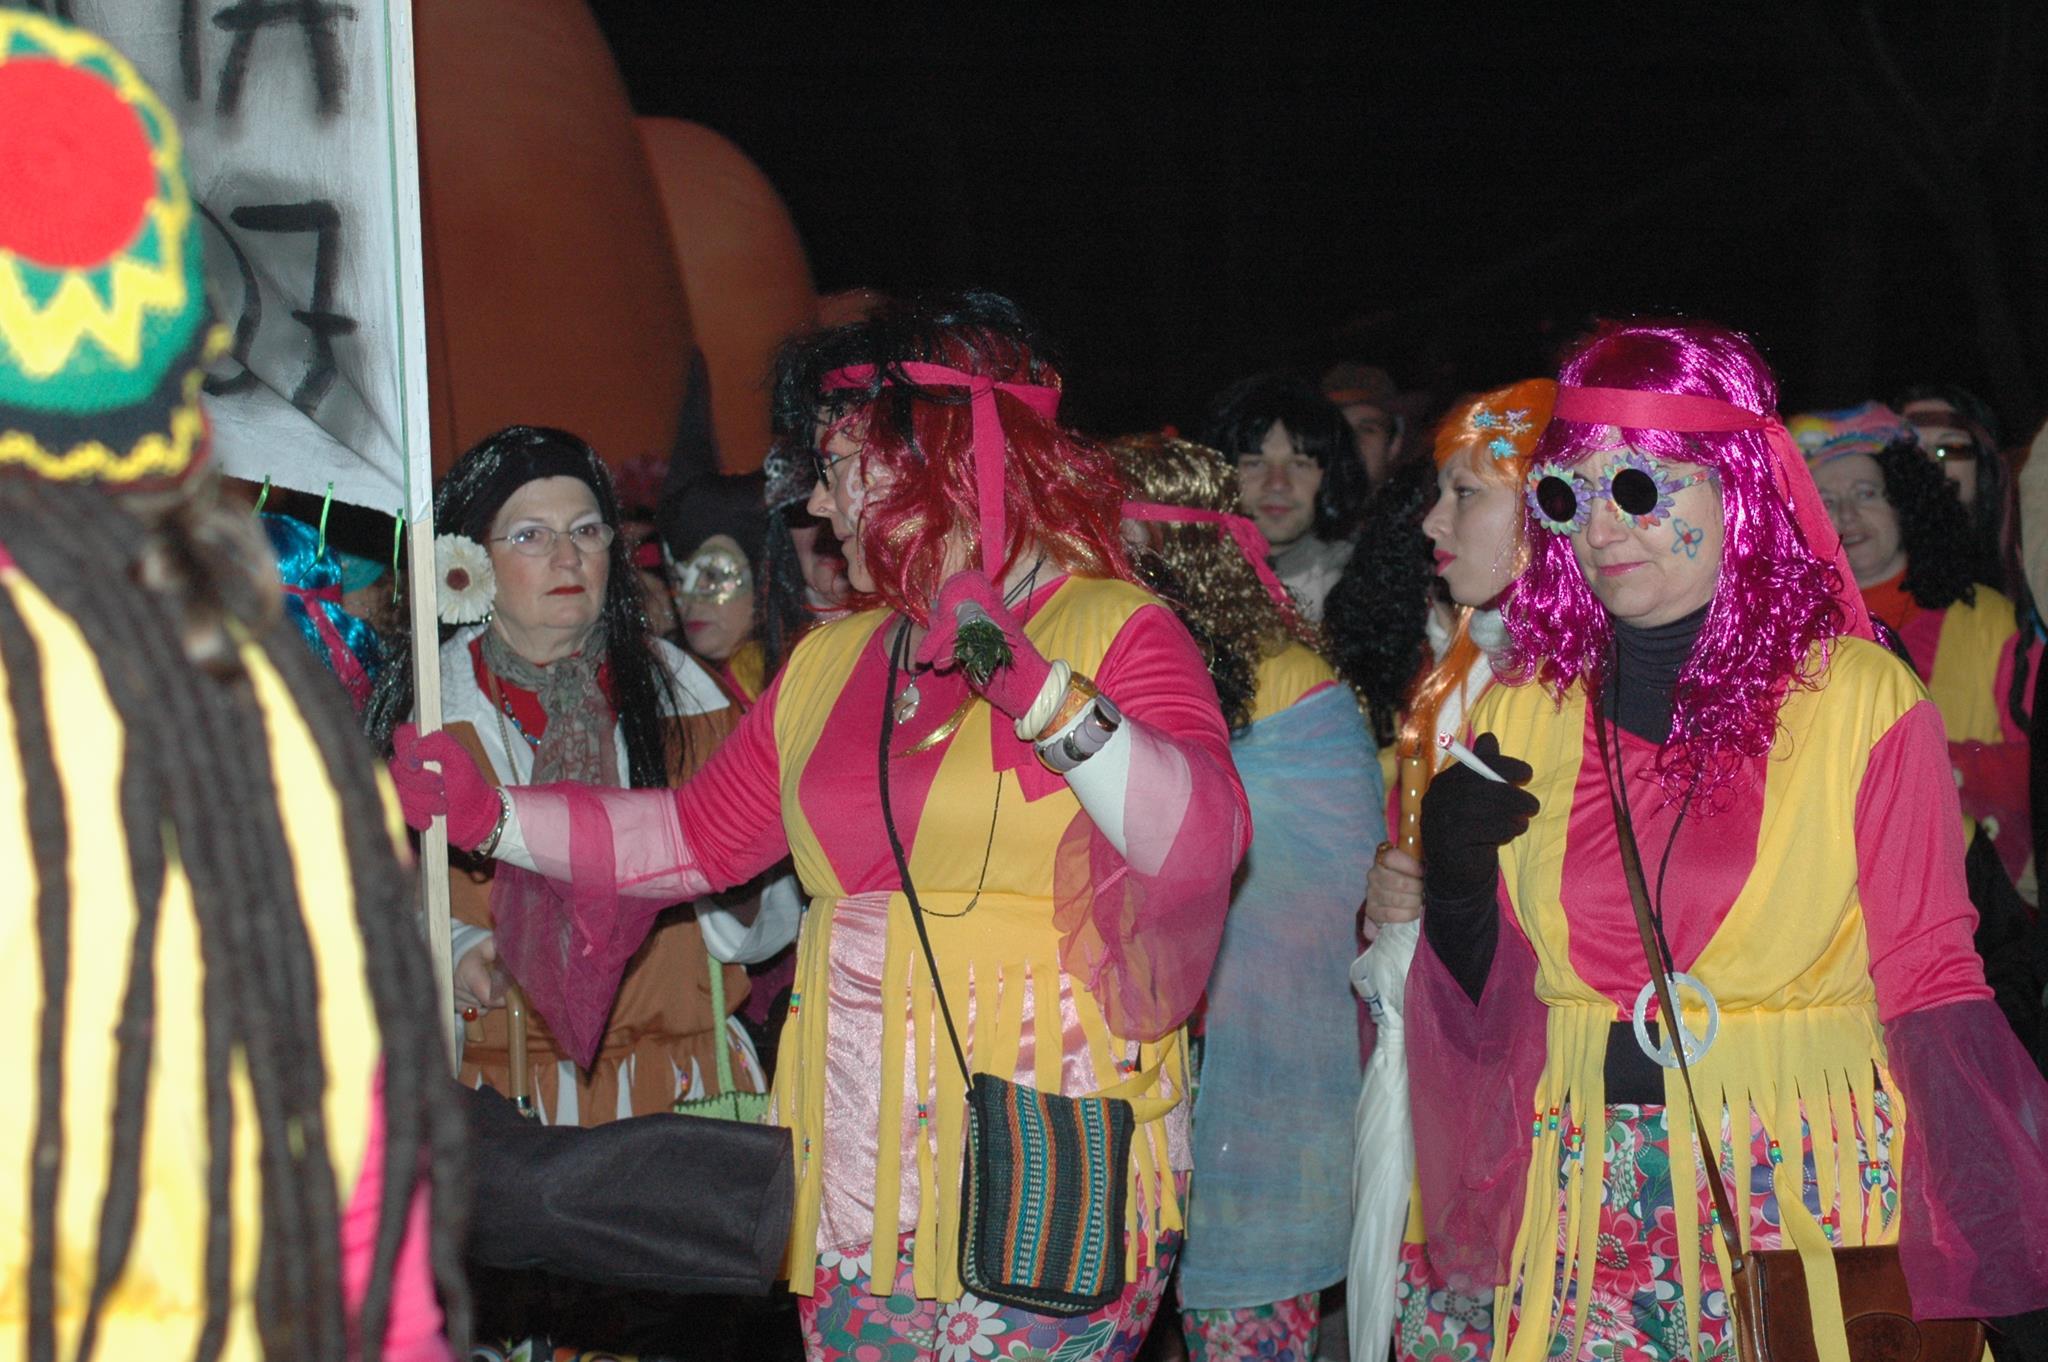 Carnavales en Guadarrama (2) (Copy)